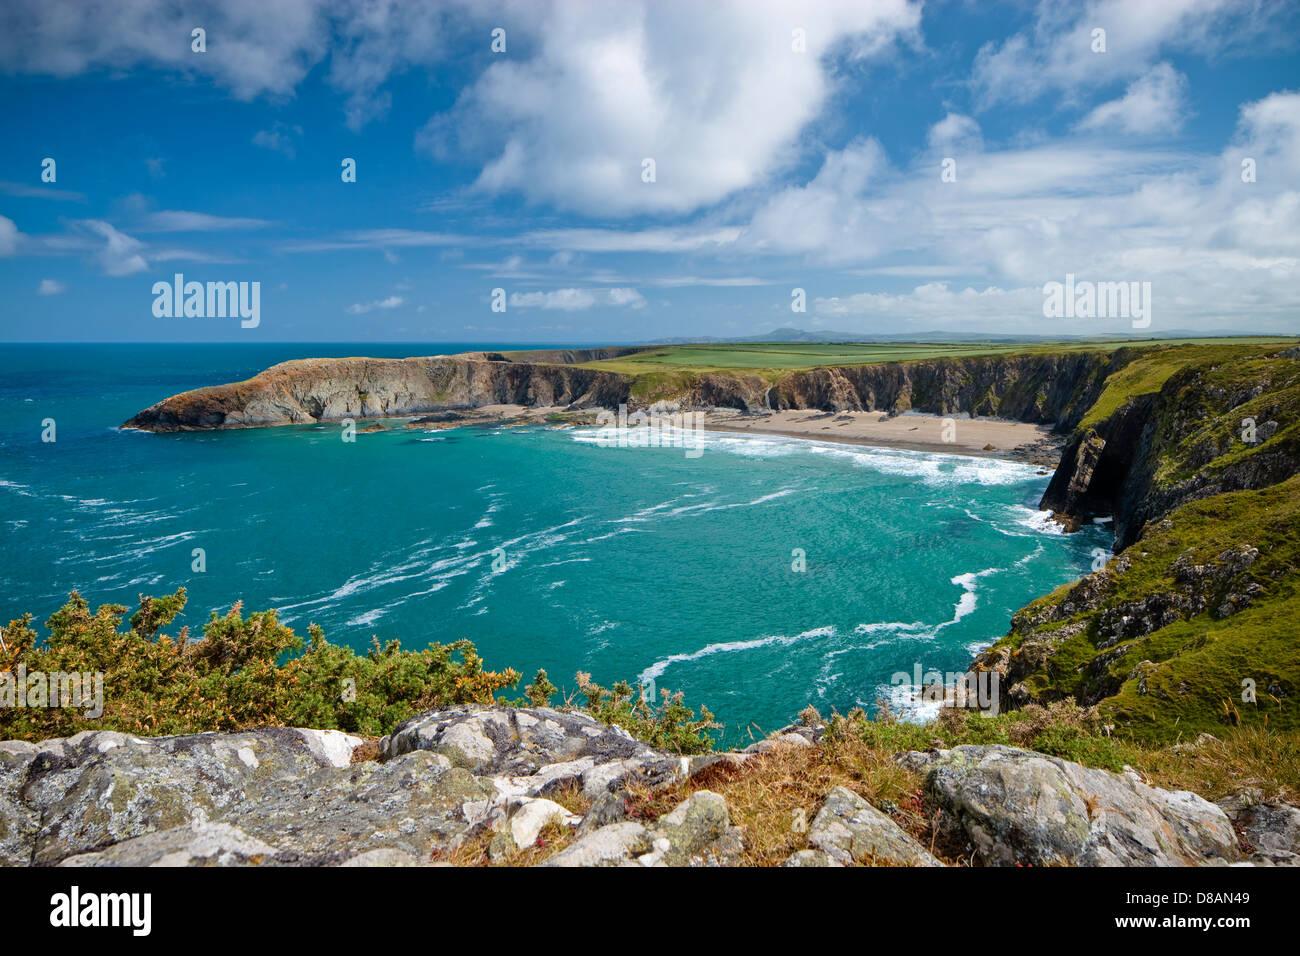 Ruta de la costa con antecedentes Abereiddy Traeth Llyfn en Saint Davids Gales pembrokeshire Imagen De Stock